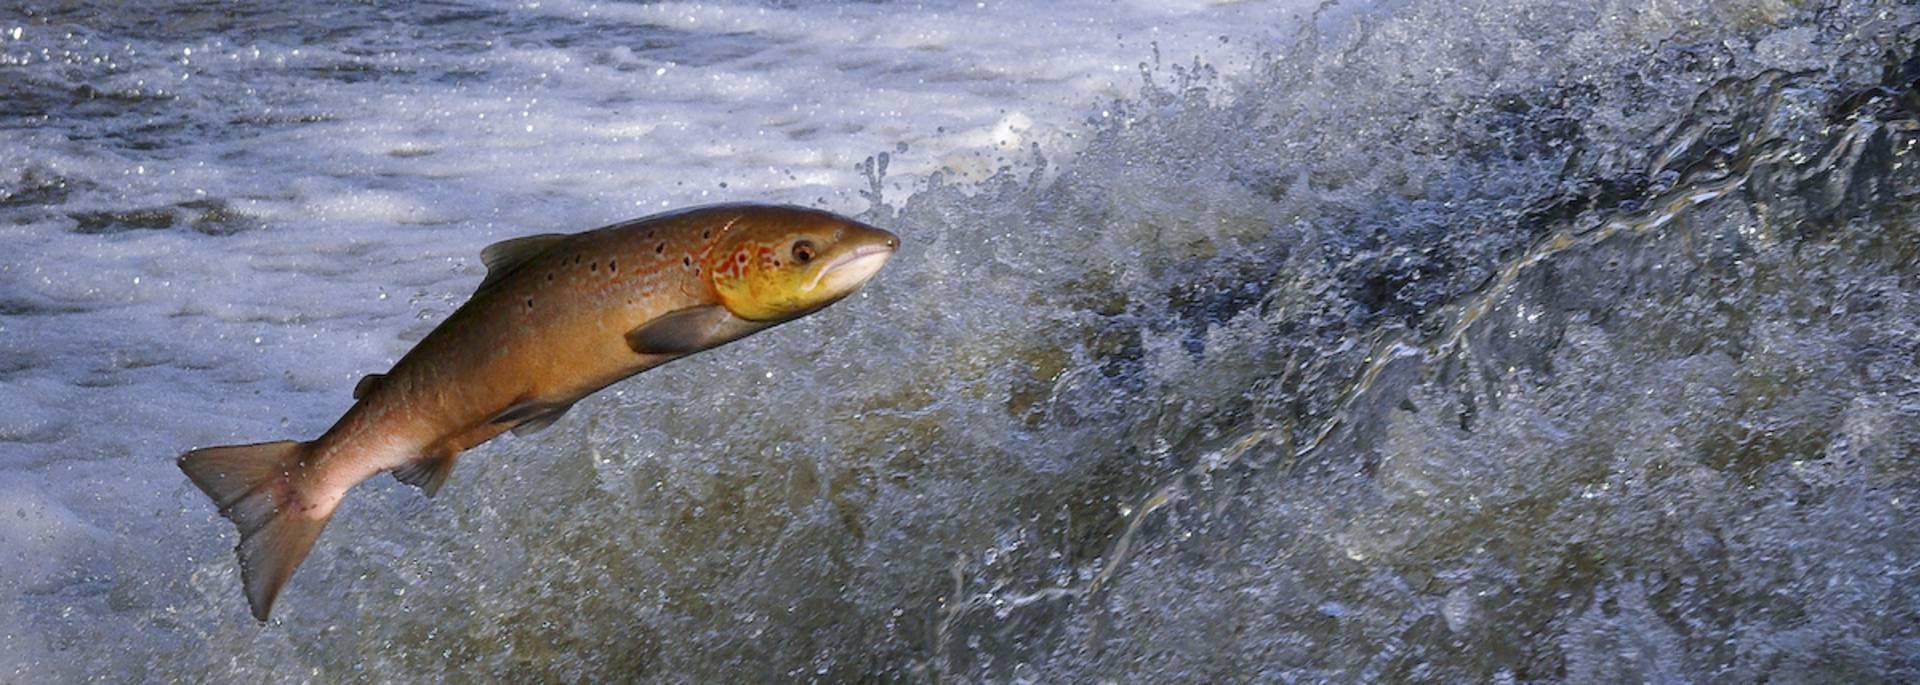 Saumon remontant la rivière du Léguer ©S. Jouon